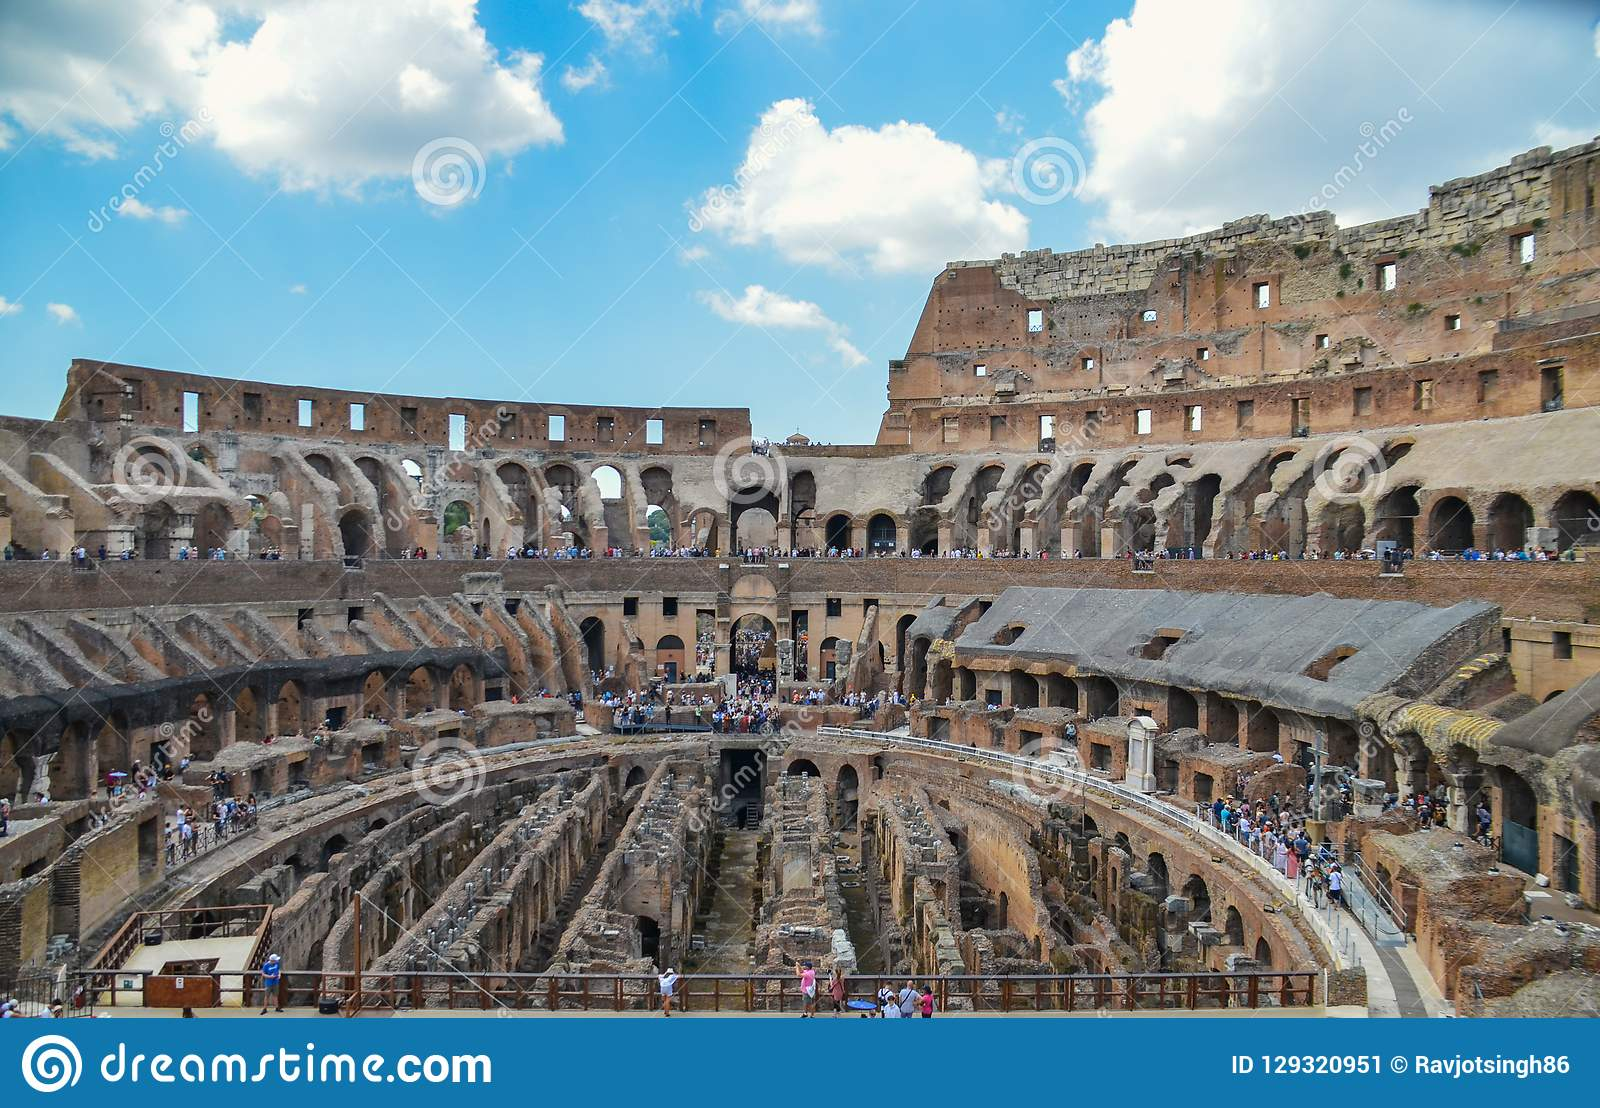 Vista panorâmica de Colosseum- igualmente conhecida como Flavian Amphitheater, o marco o mais notável no centro da cidade, Roma I